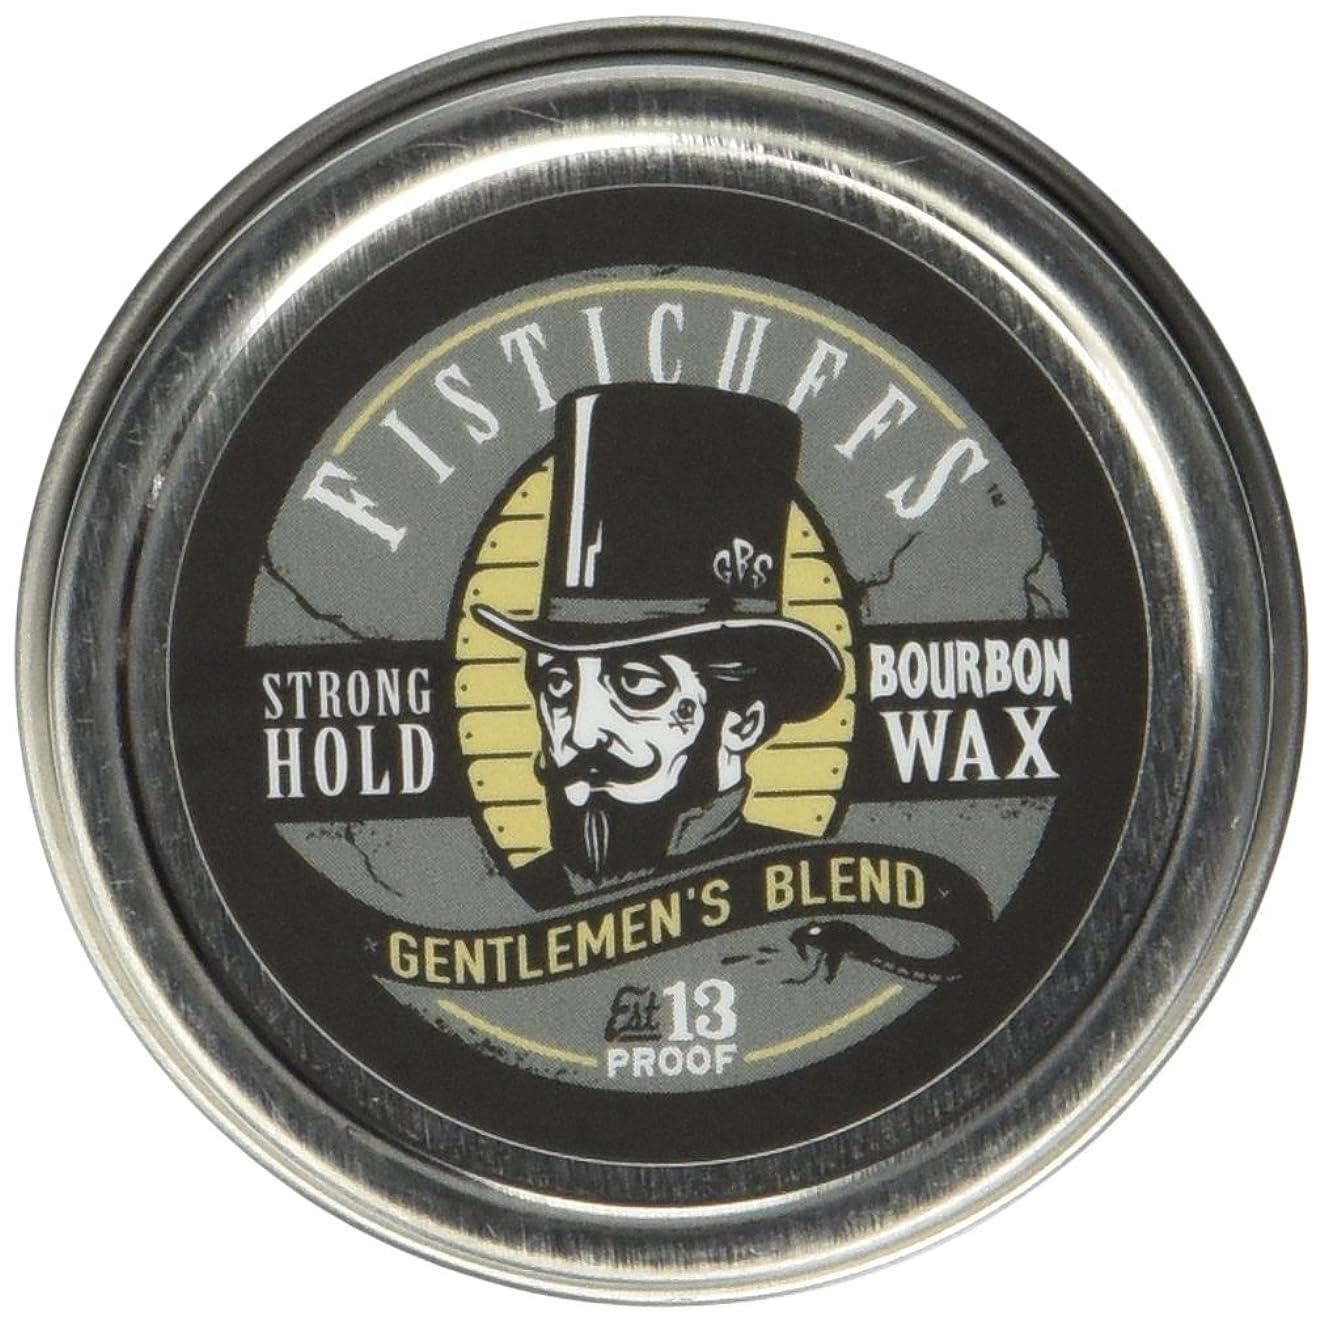 Fisticuffs Strong Hold Mustache Wax Gentlemen's Blend 1 OZ. Tin